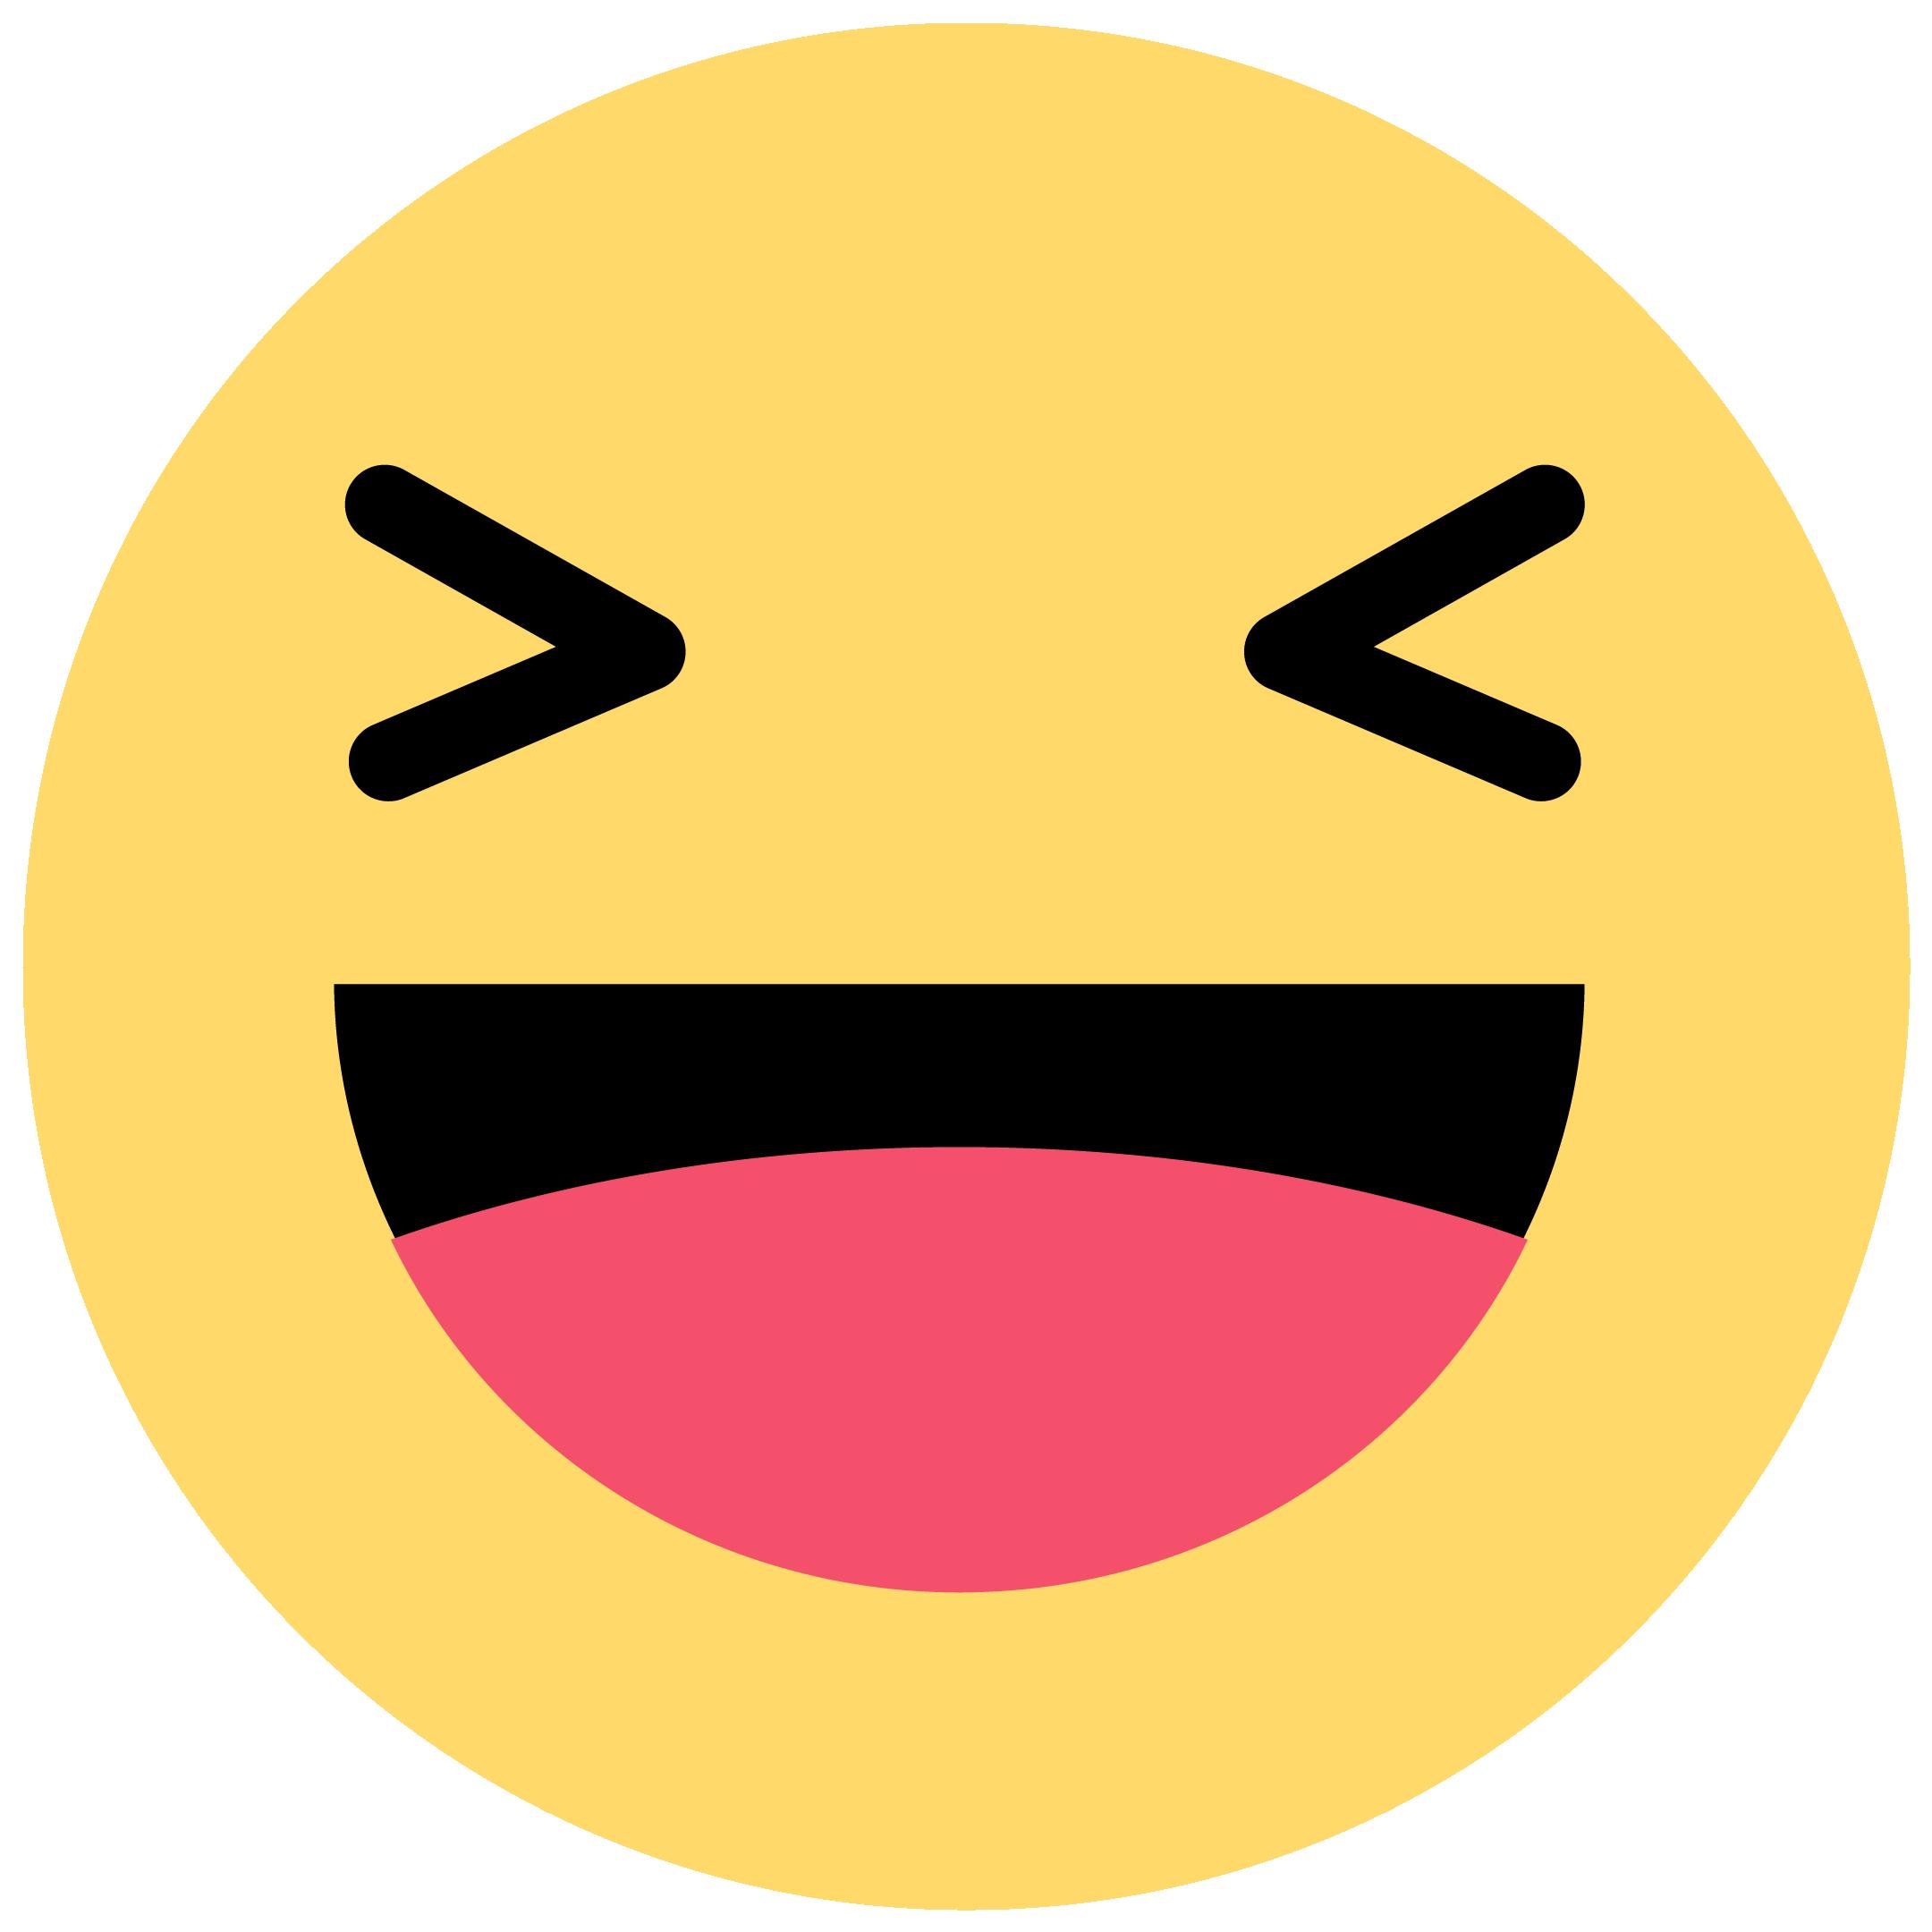 Emoticon PNG - 97406